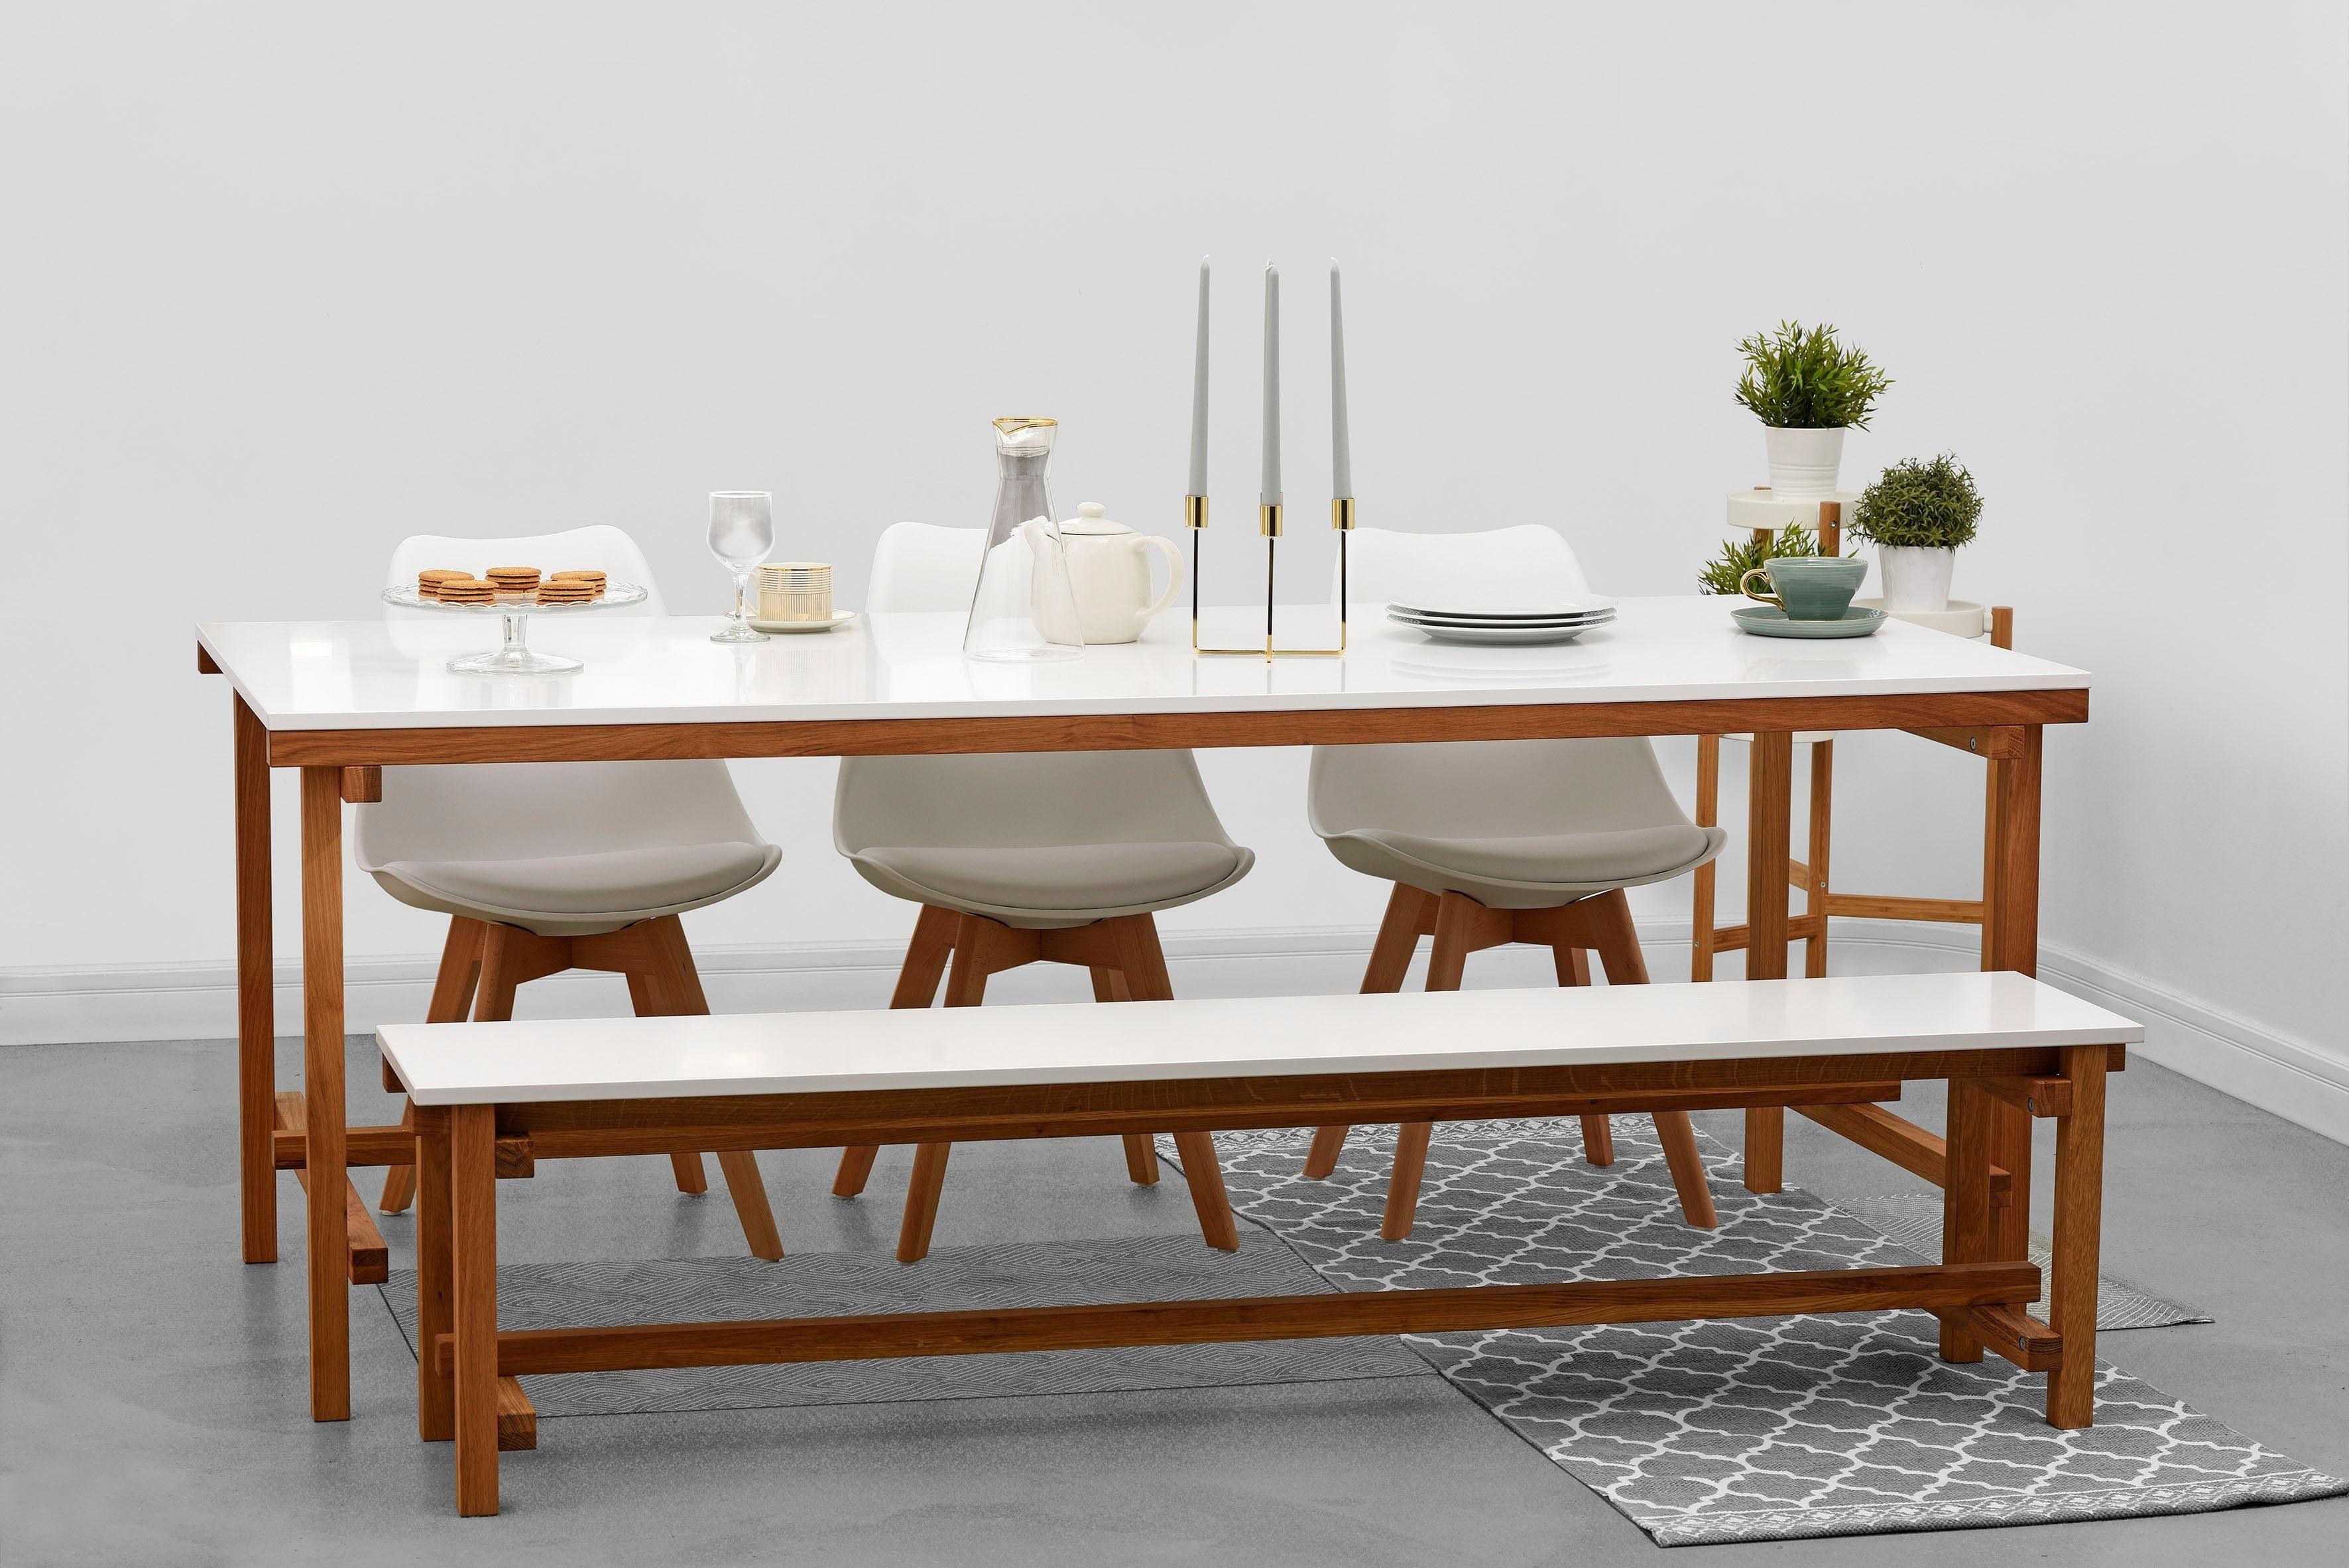 Home affaire Speisen-Set »Construction« 2-teilig, bestehend aus Tisch und Bank